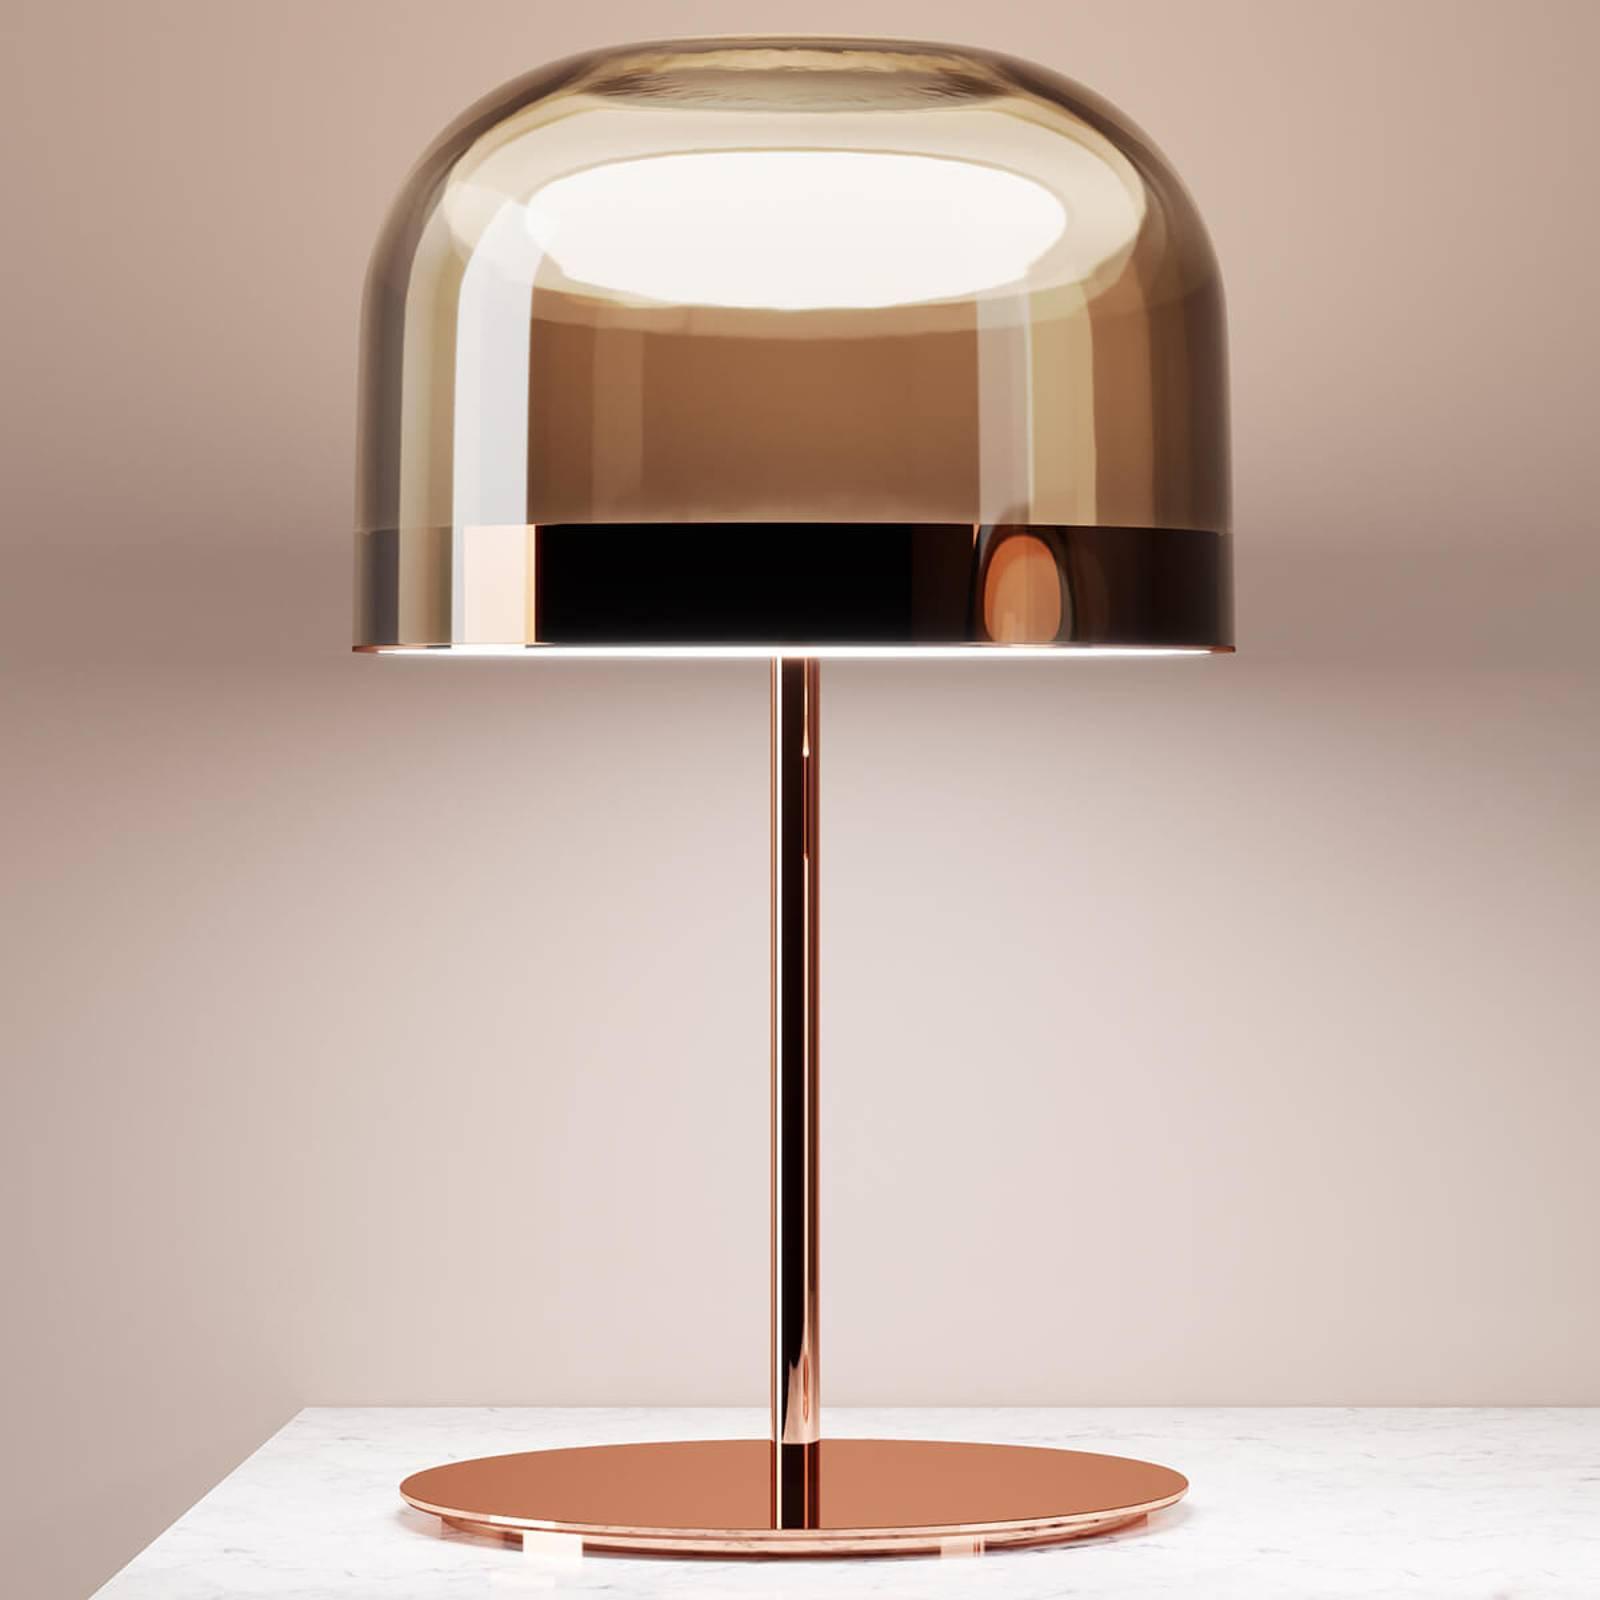 LED bordlampe Equatore i kobber, 60 cm